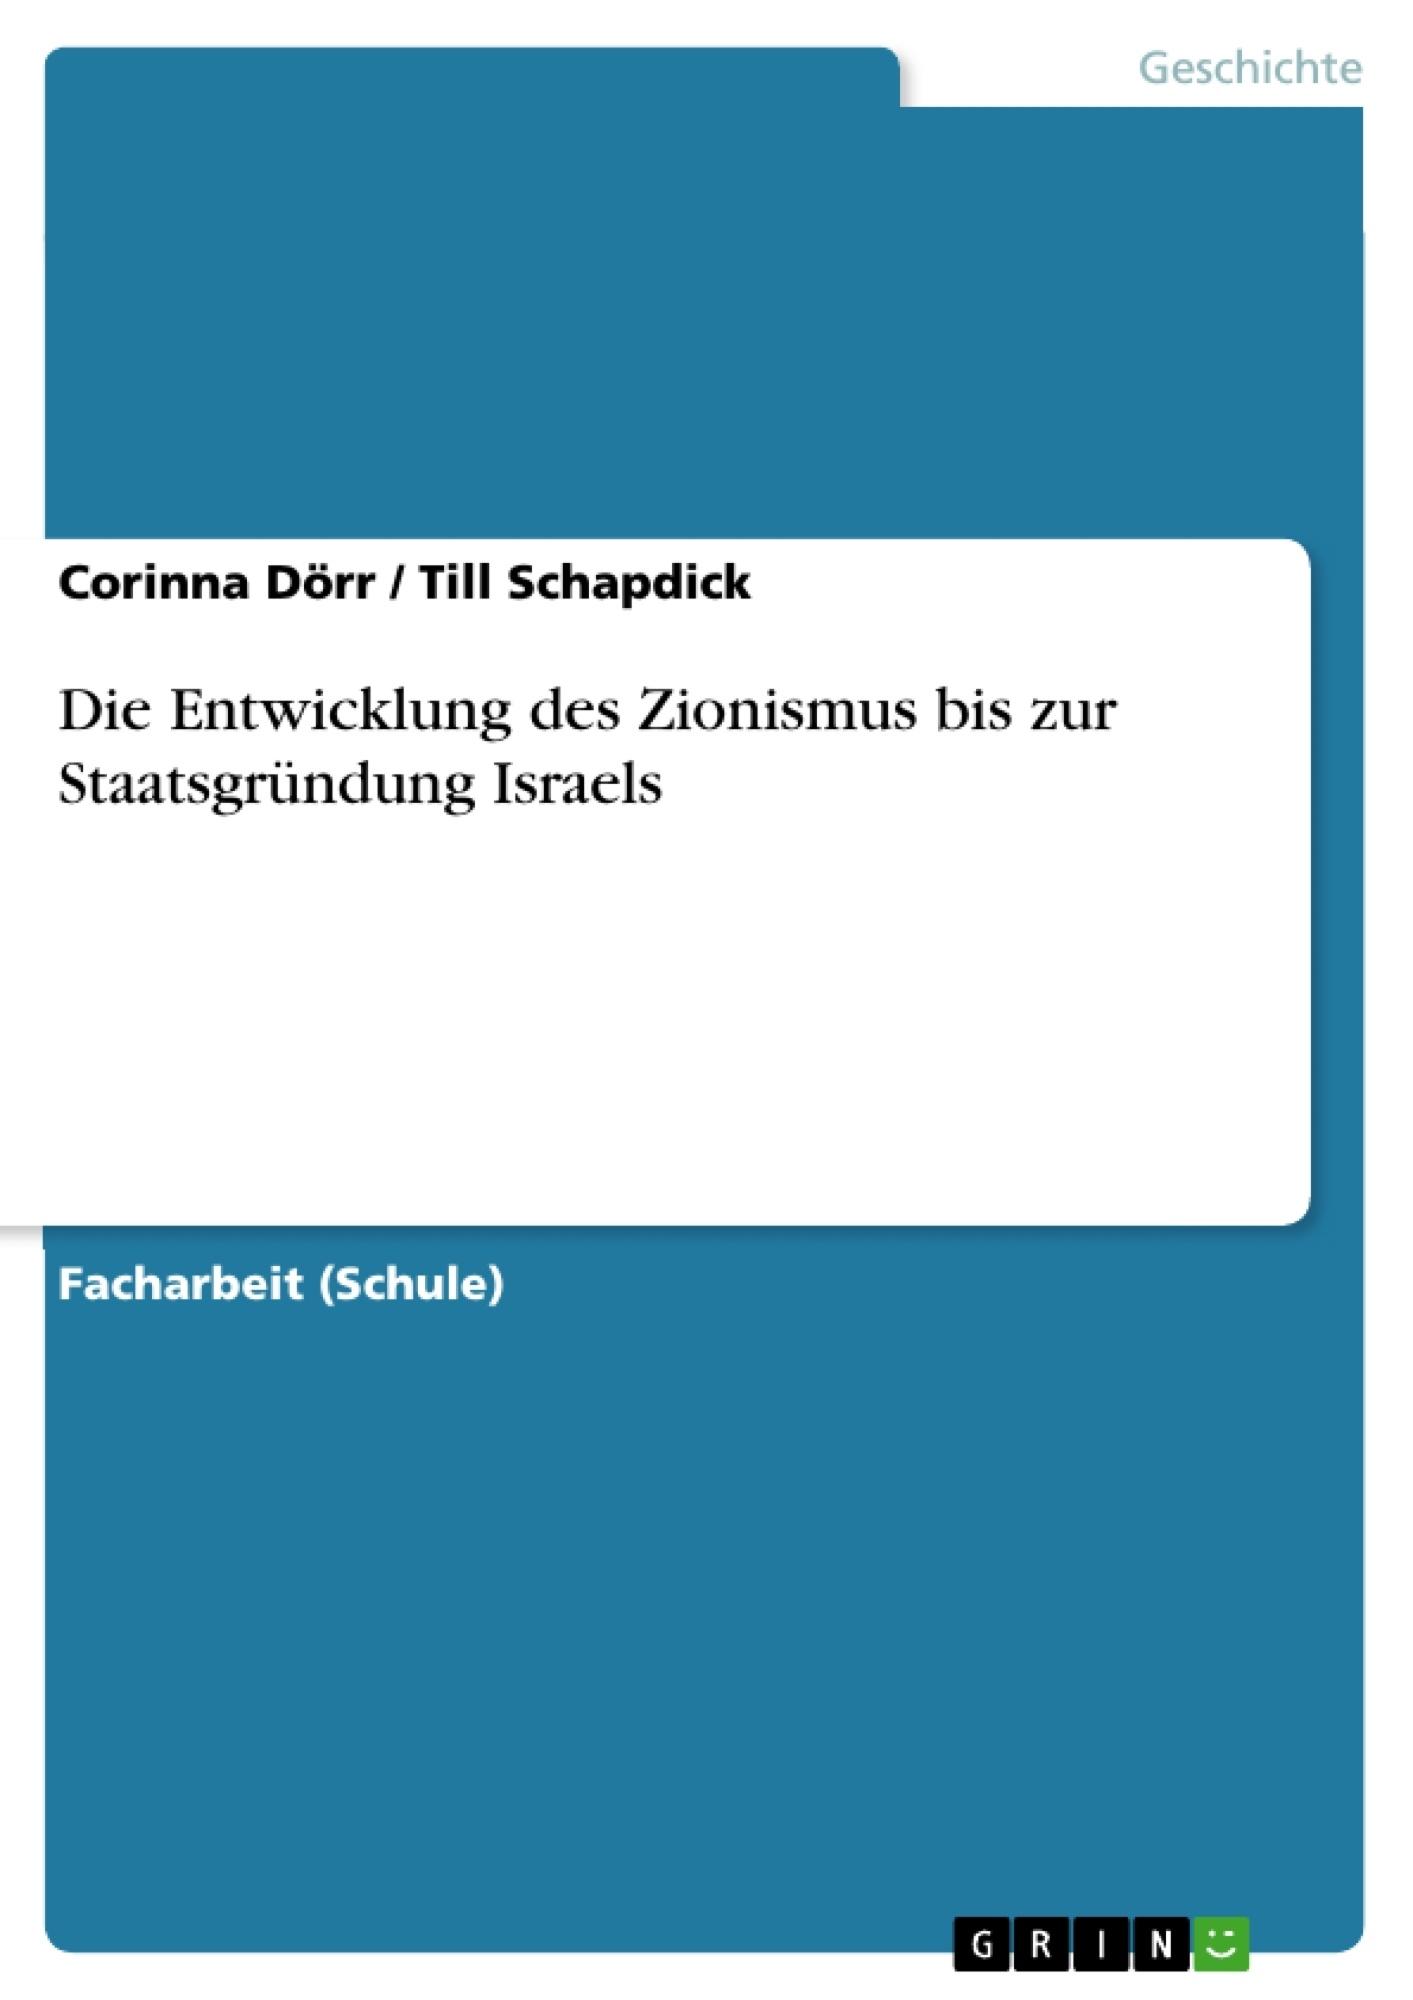 Titel: Die Entwicklung des Zionismus bis zur Staatsgründung Israels